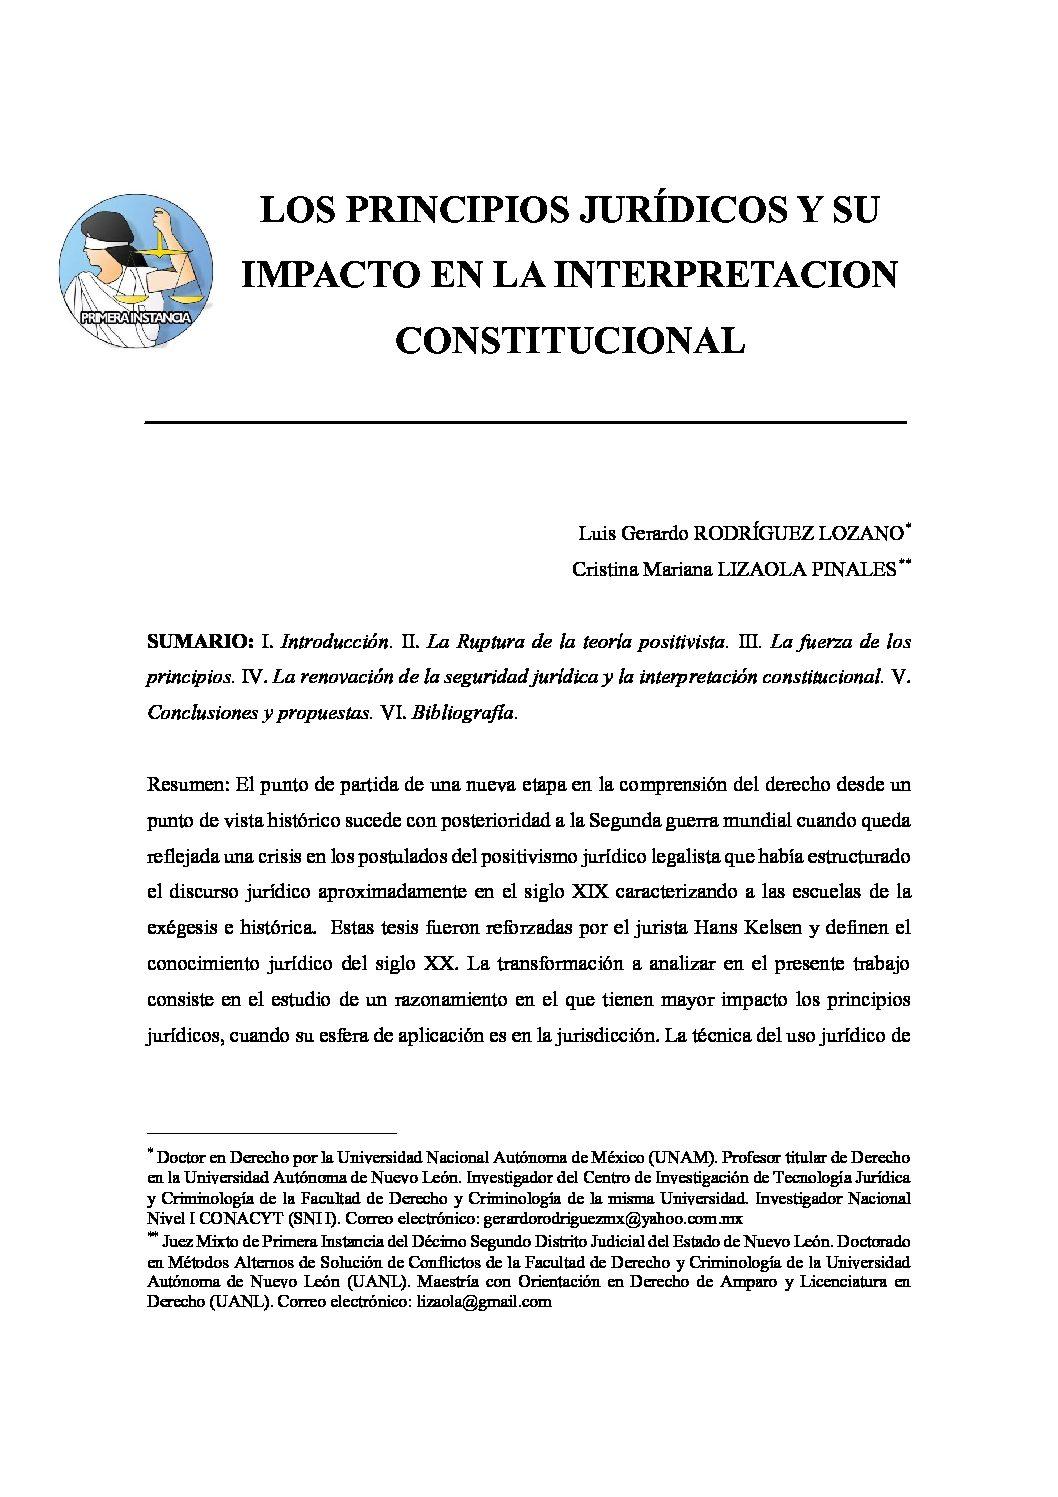 LOS PRINCIPIOS JURÍDICOS Y SU IMPACTO EN LA INTERPRETACION CONSTITUCIONAL, Luis Gerardo Rodríguez Lozano y Cristina Mariana Lizaola Pinales